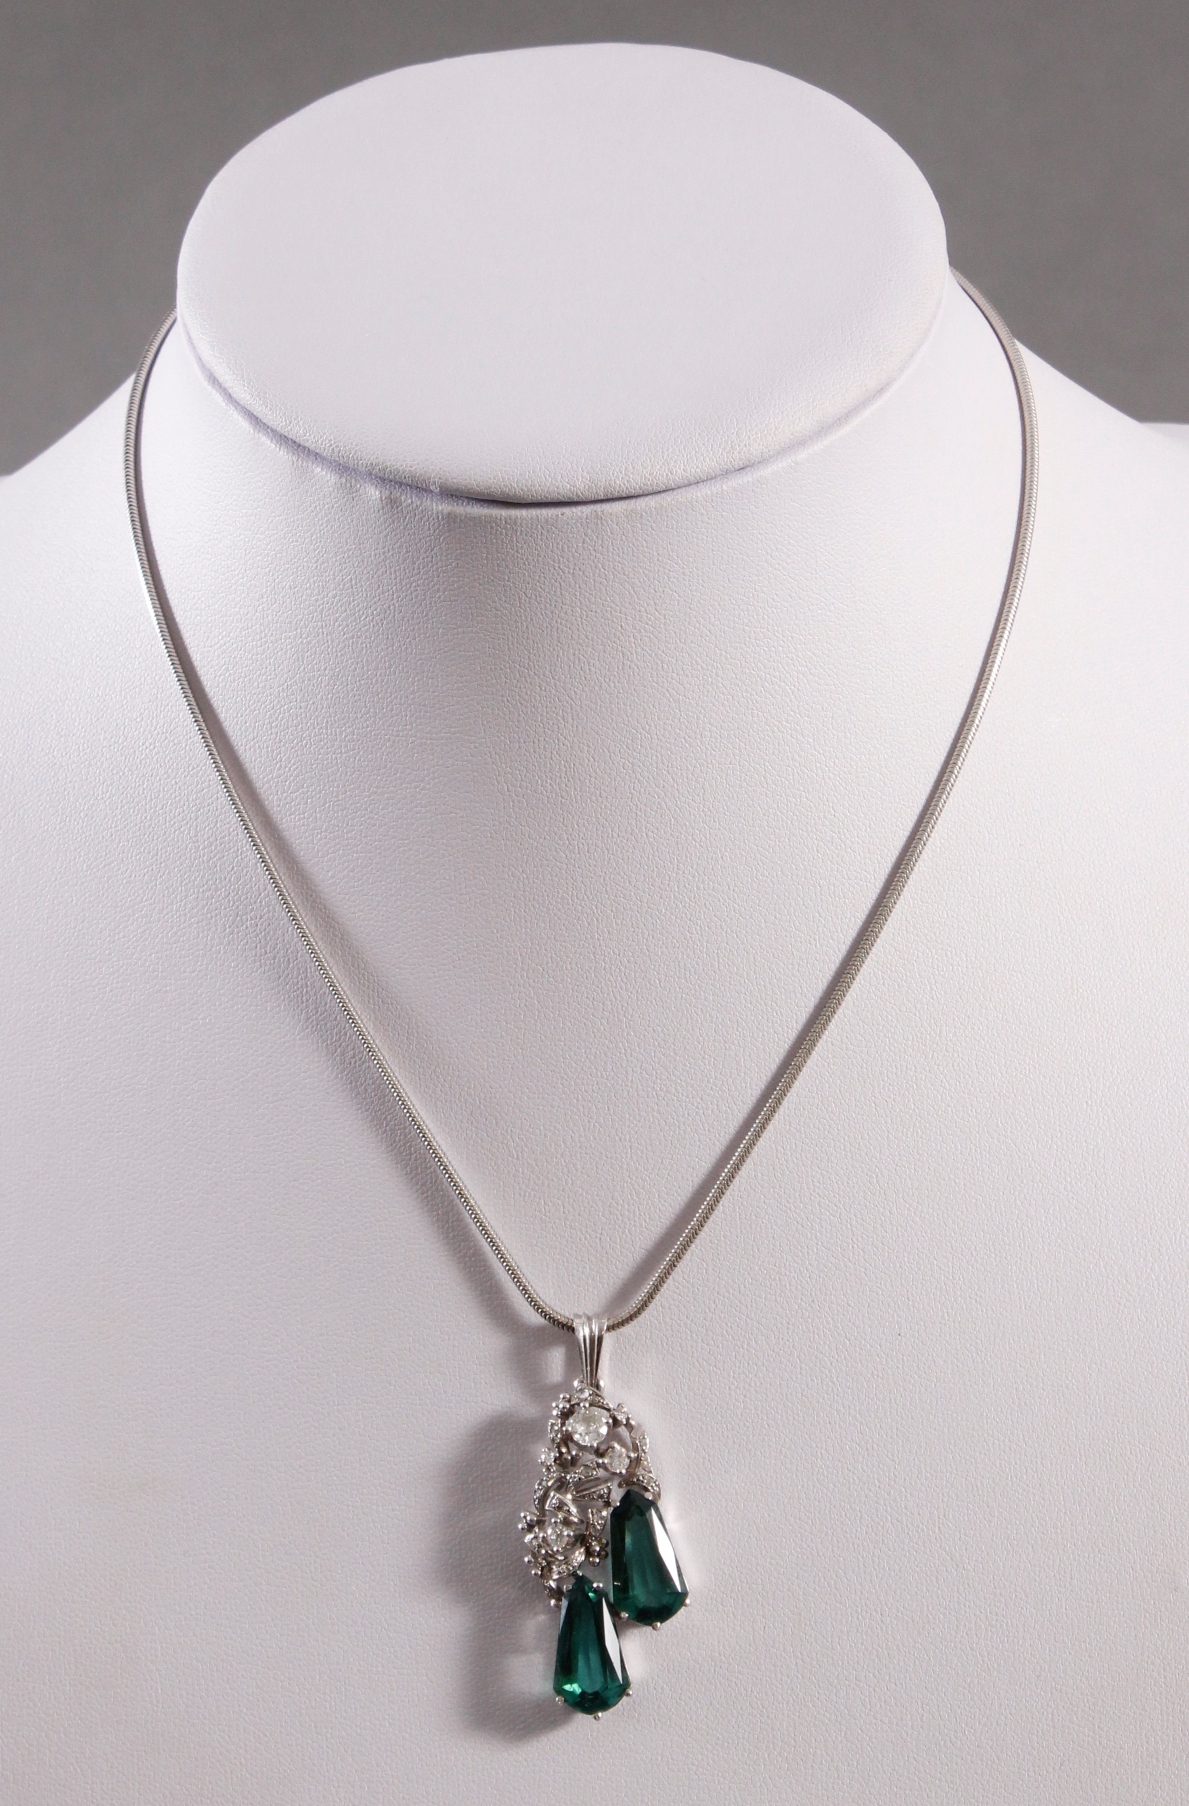 Halskette mit Anhänger 14 kt Weißgold, besetzt mit Diamanten und Turmalin